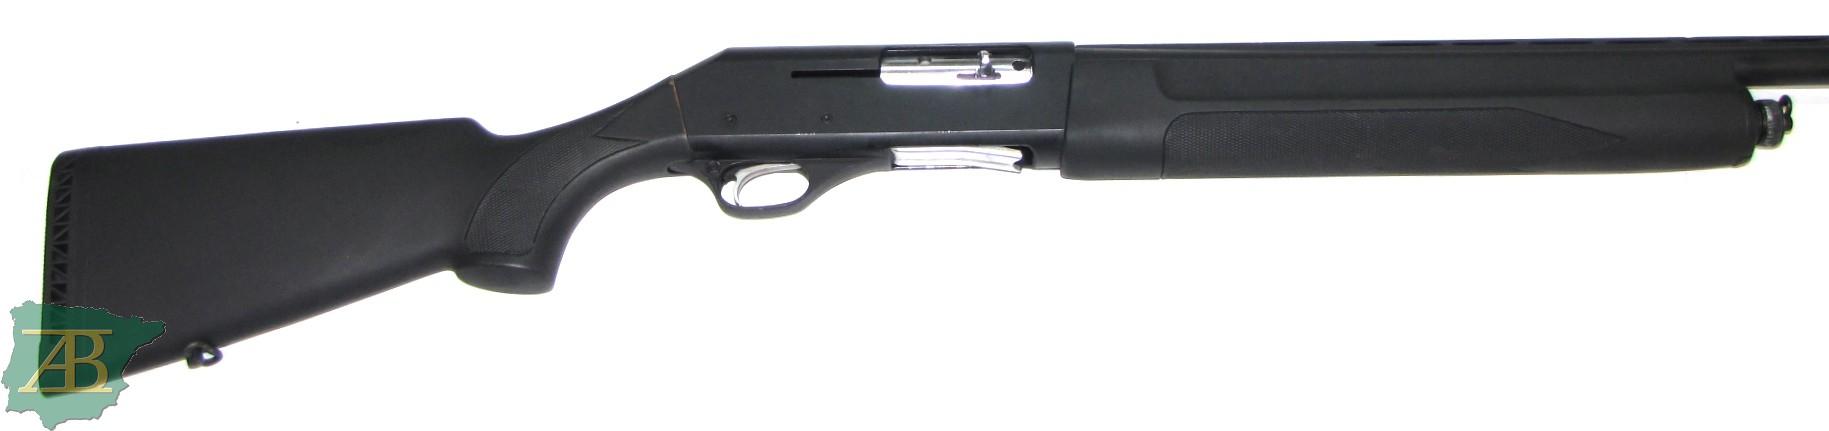 Escopeta semiautomática de caza FABARM ELLEGI Ref 5790-armeriaiberica-2